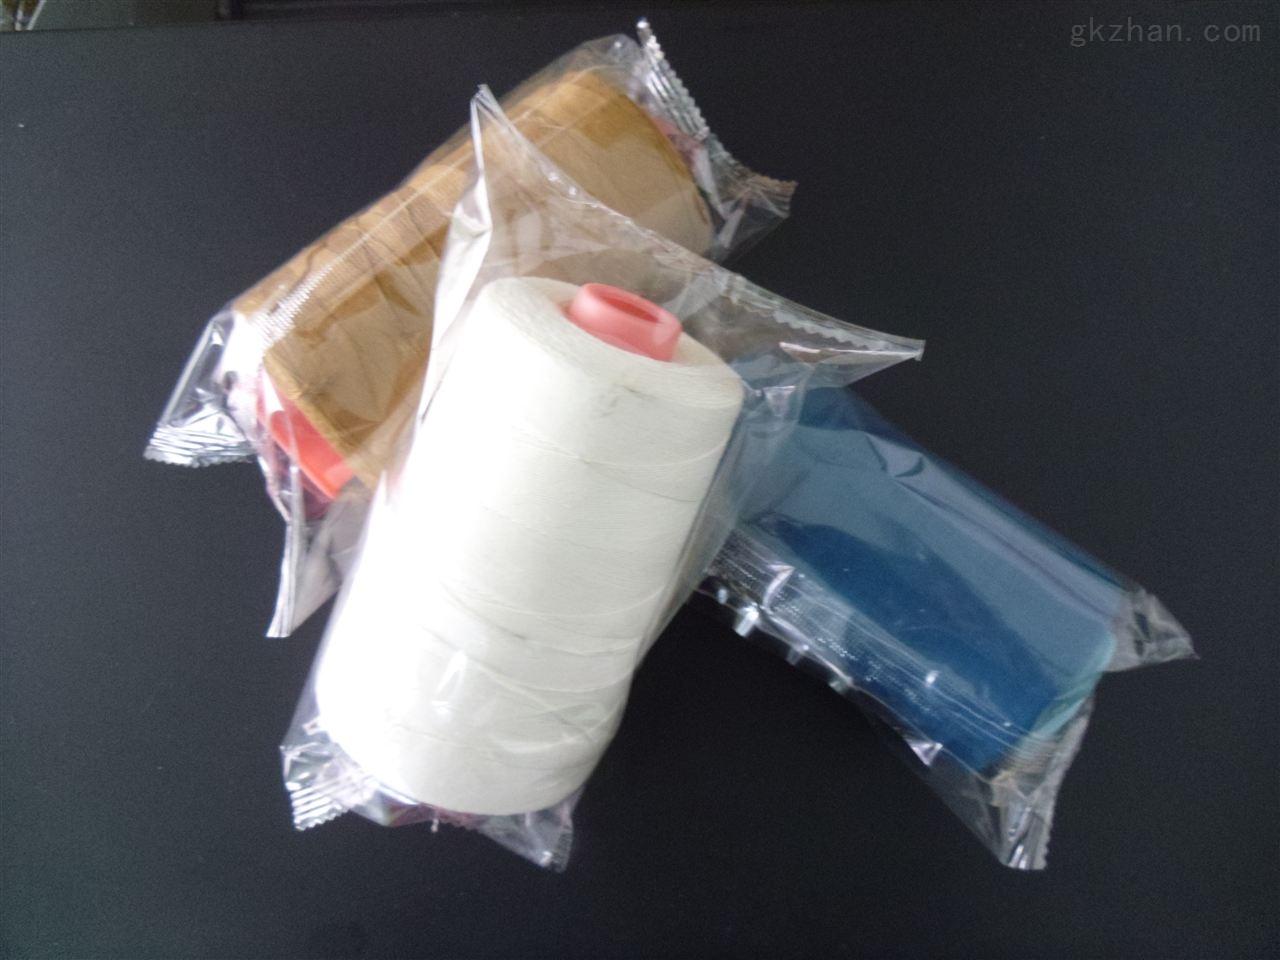 缝纫线包装机/缝纫线自动包装机